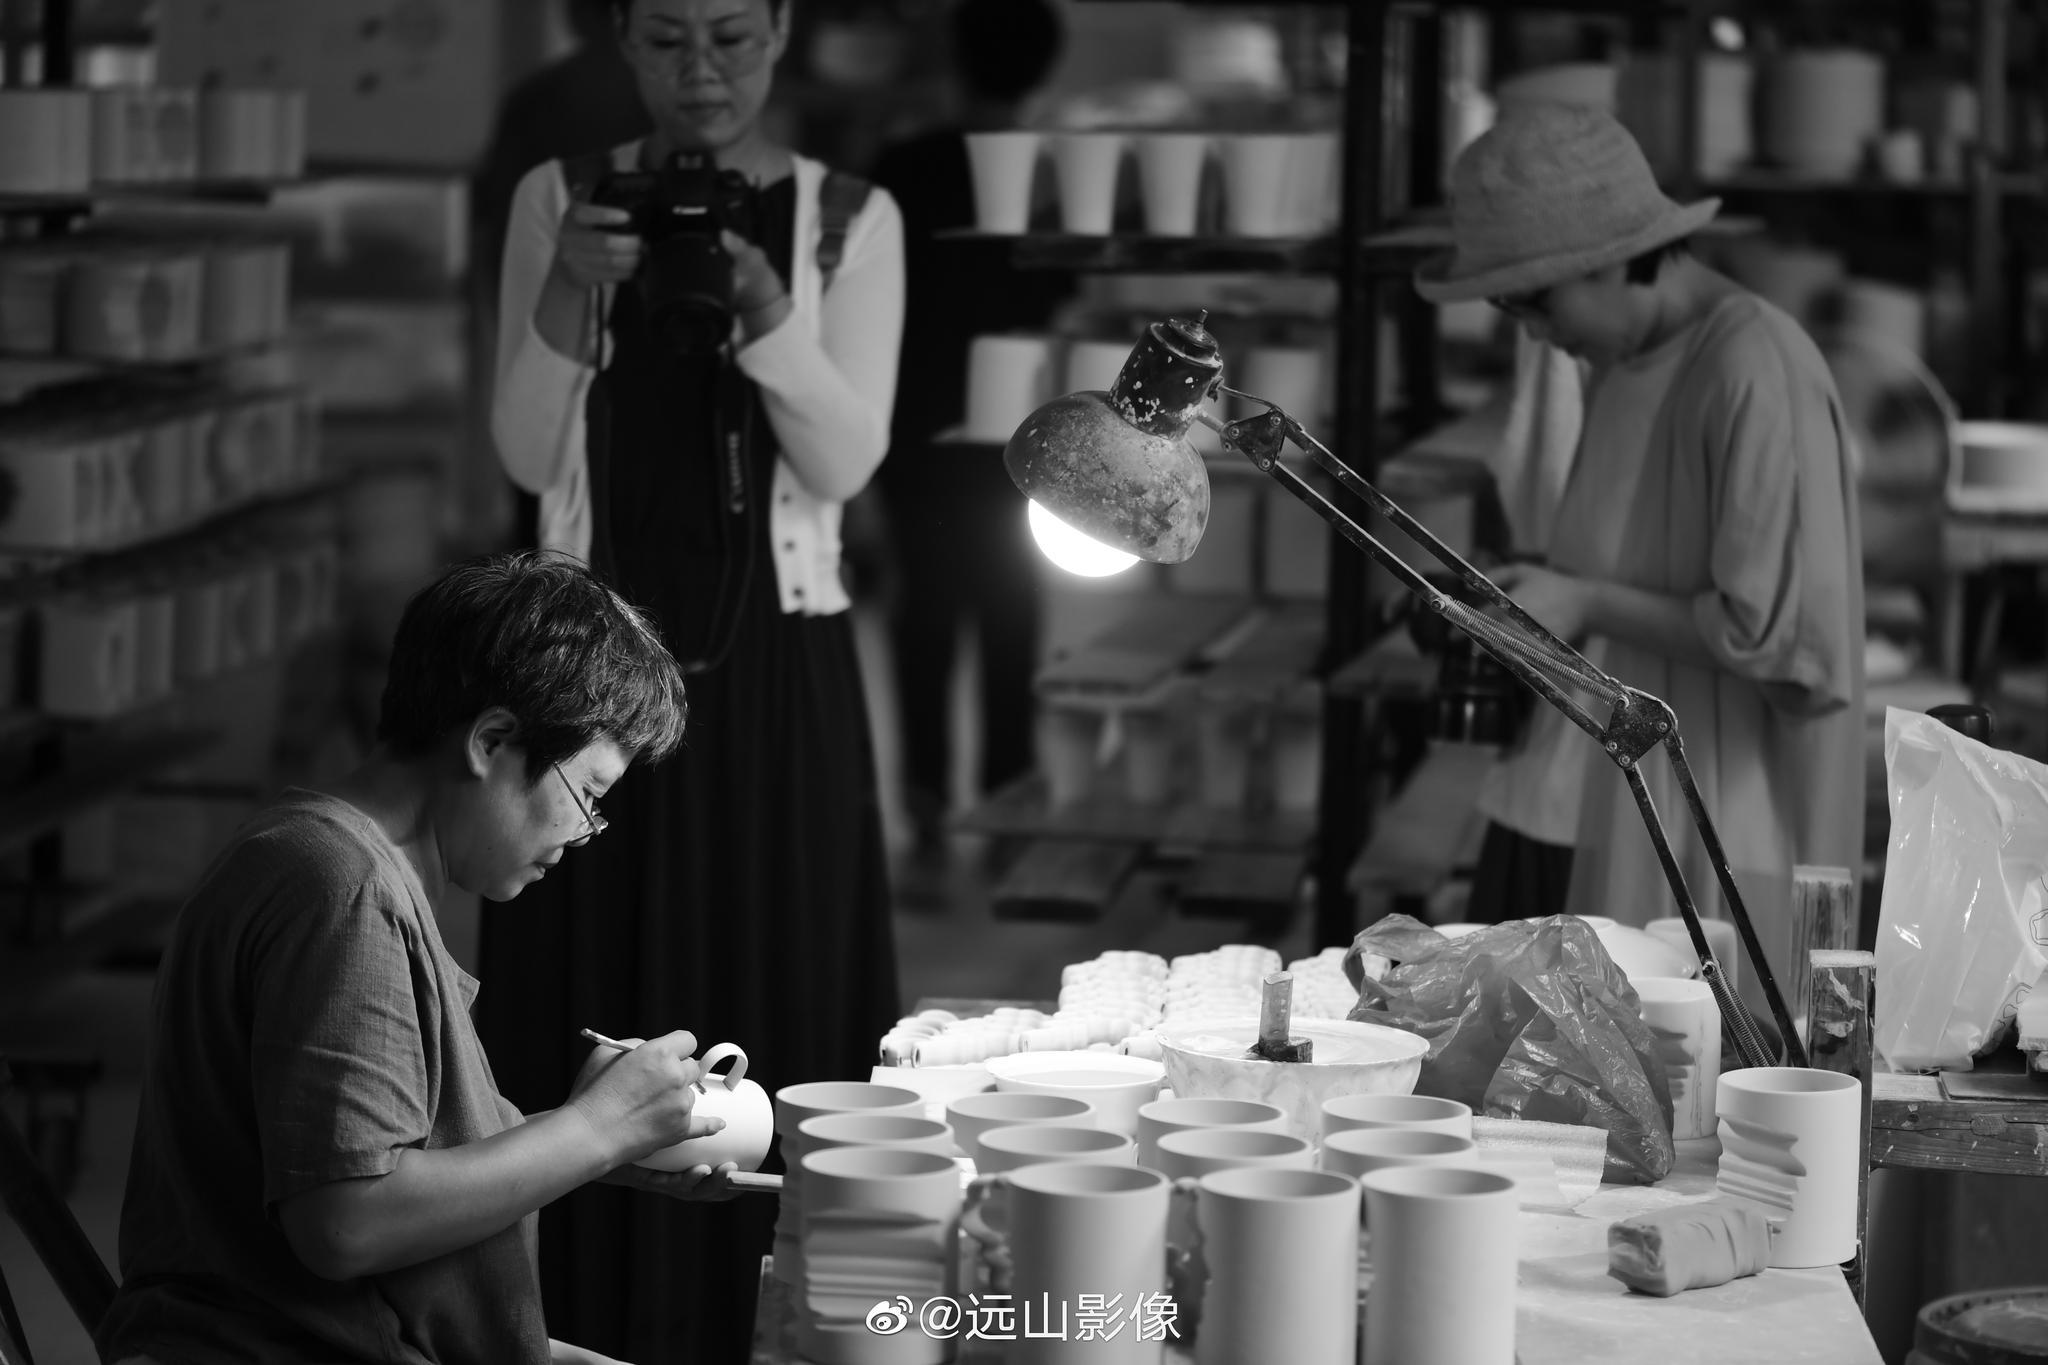 景德镇摄影游学 7 月底、 8 月初两期开始招募啦